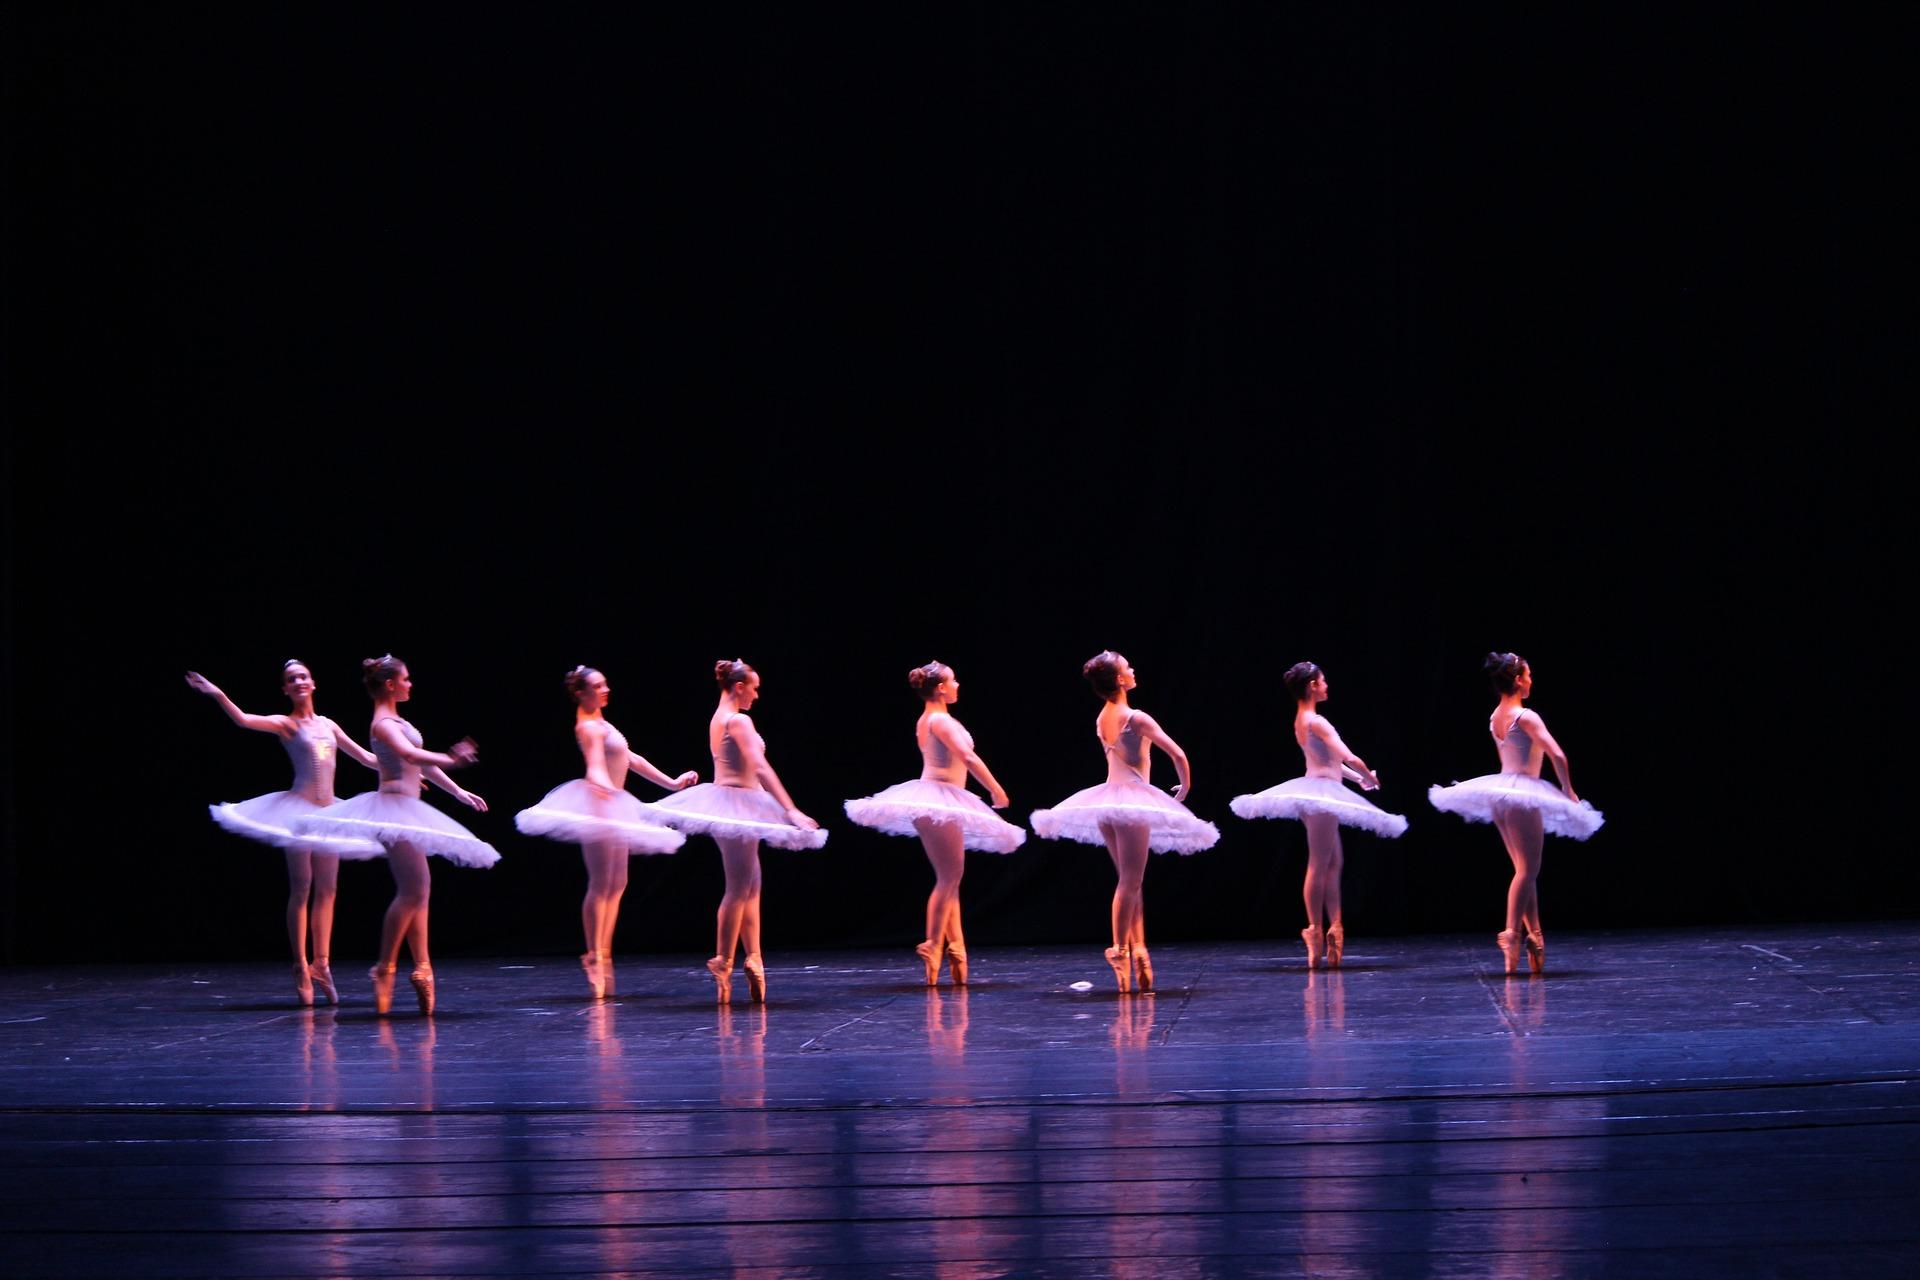 ballet-2682291_1920